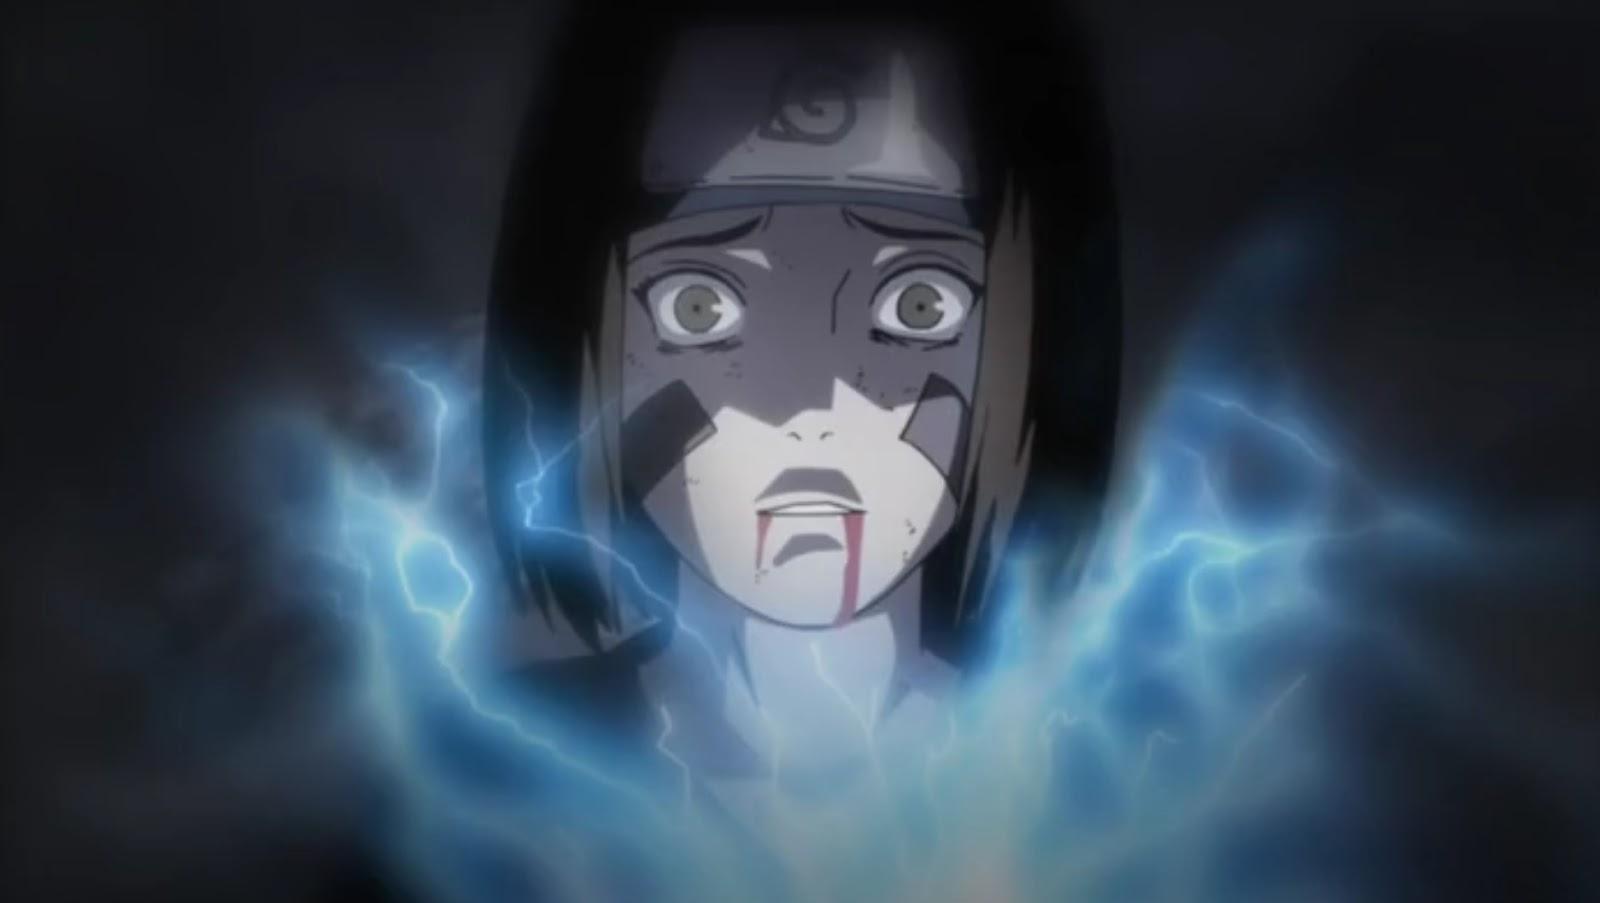 Naruto Shippuden Episódio 349, Assistir Naruto Shippuden Episódio 349, Assistir Naruto Shippuden Todos os Episódios Legendado, Naruto Shippuden episódio 349,HD